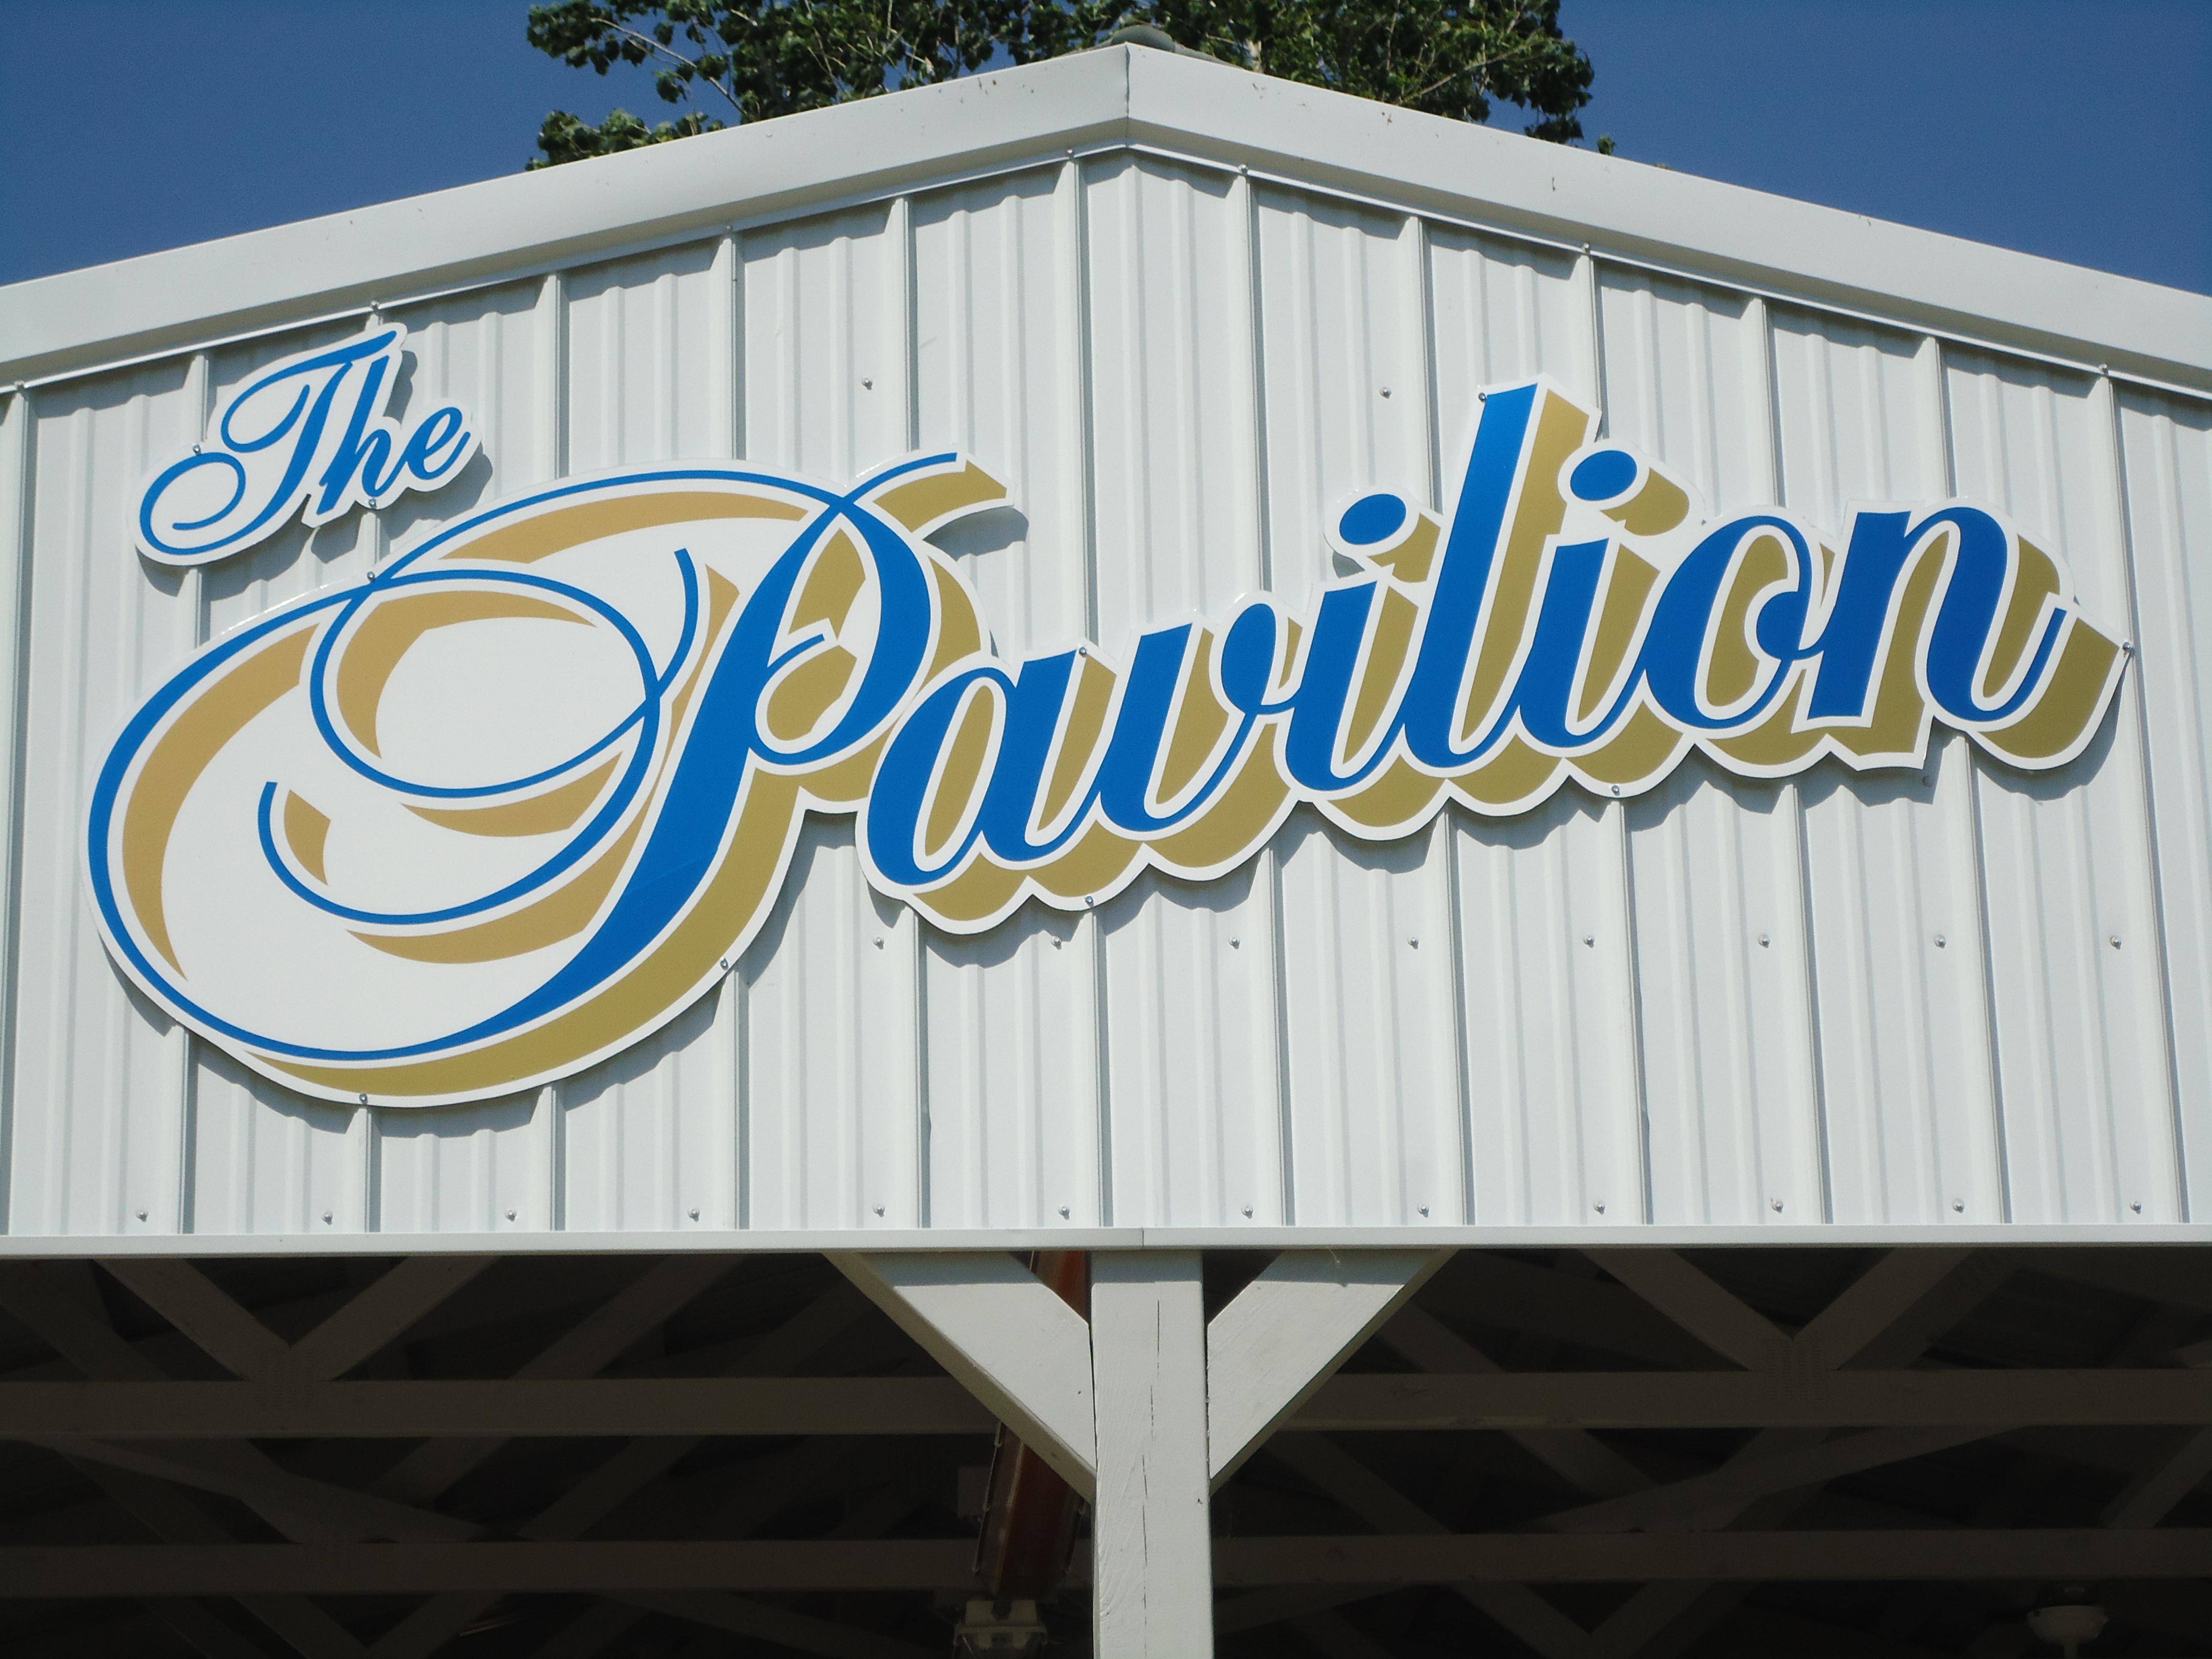 Pavilion close up